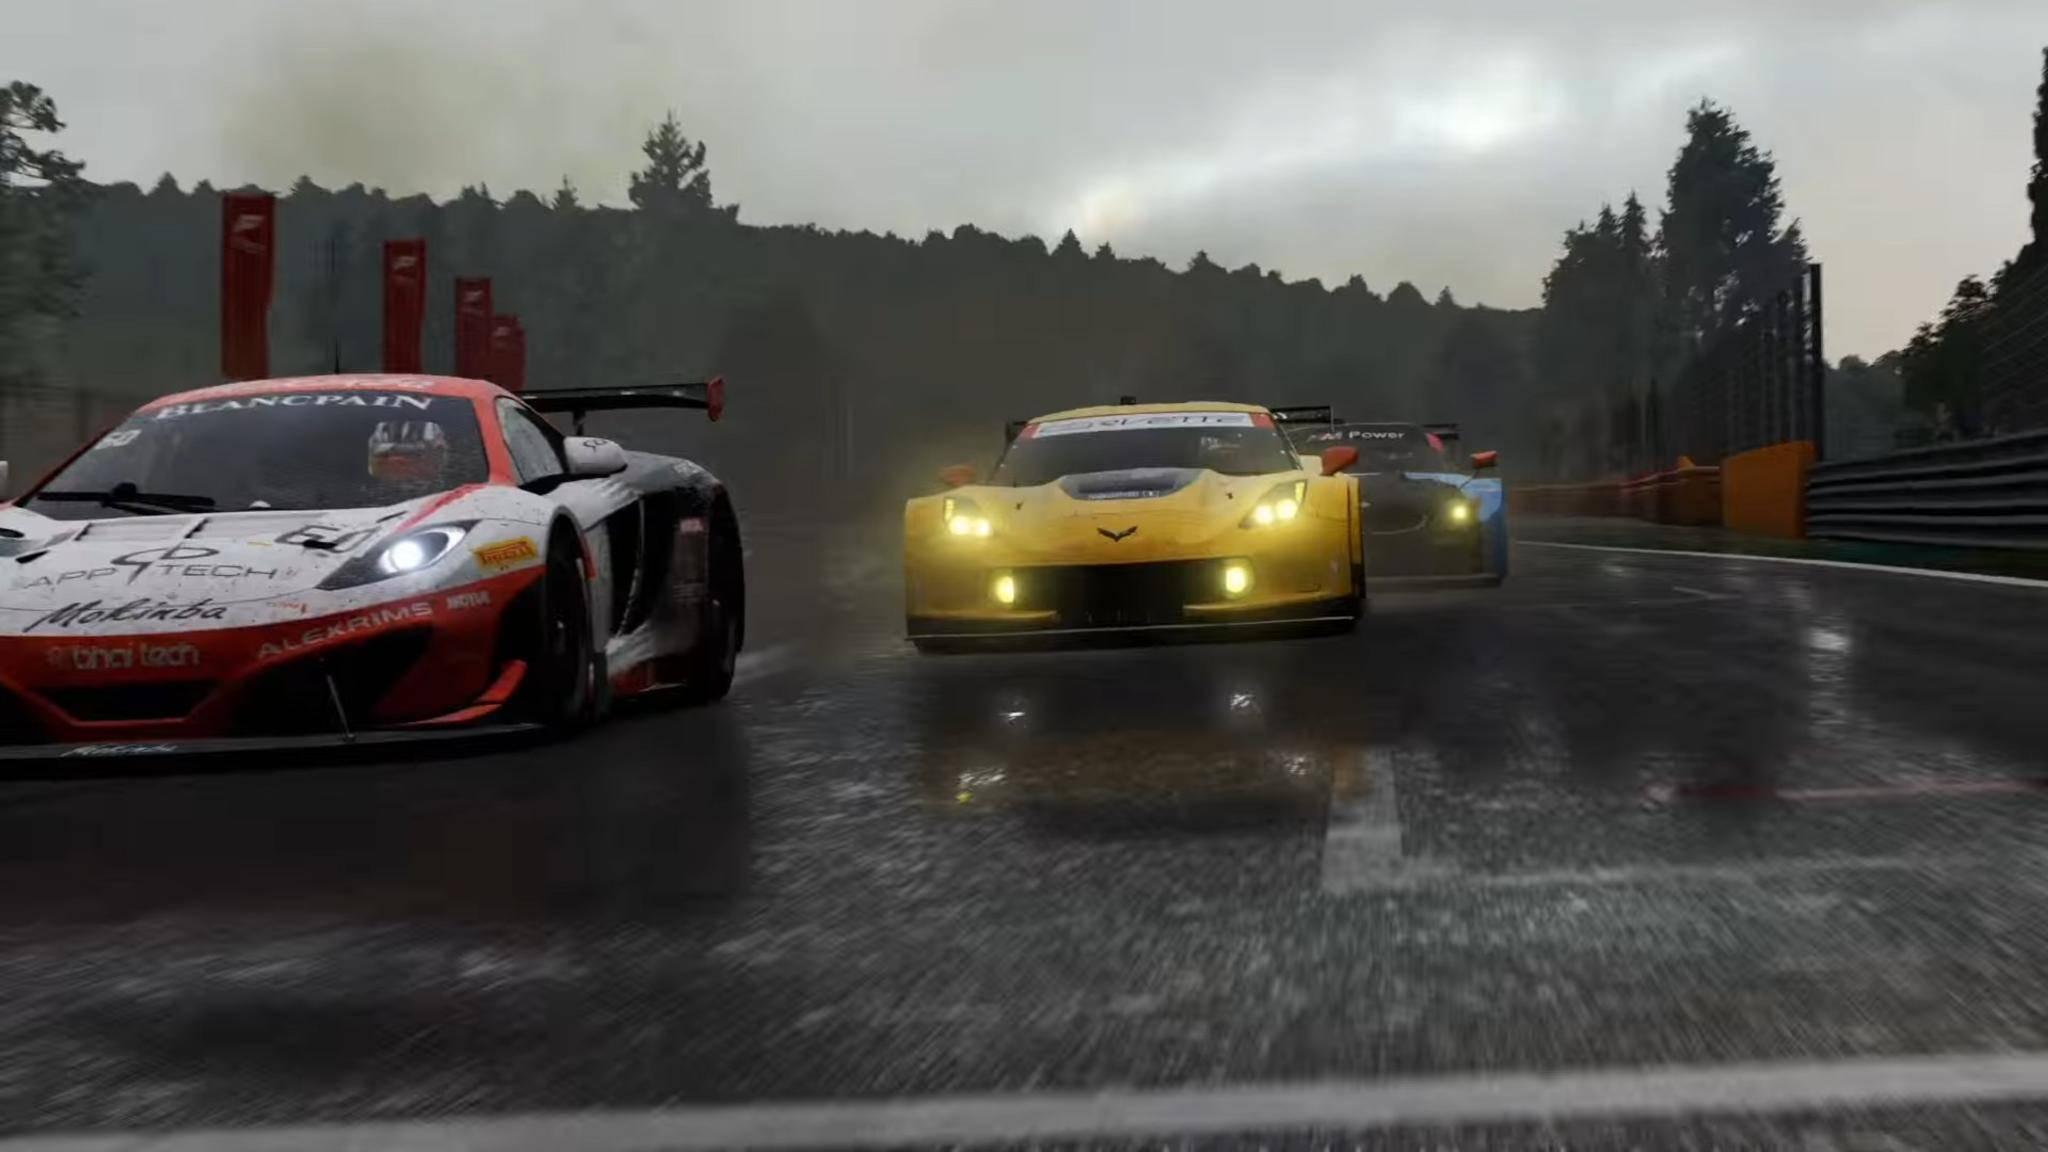 """Mit dem Rennspiel """"Forza Motorsport 6"""" demonstrierte Microsoft das Können seiner neuen Konsole Xbox Scorpio."""